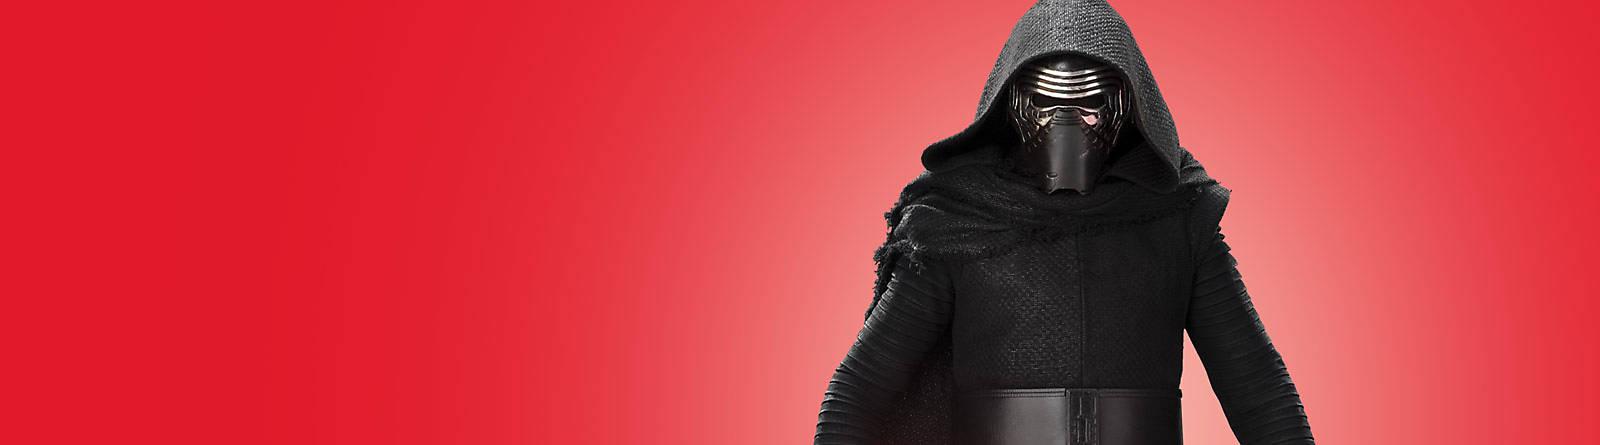 Kylo Ren Con los productos de Kylo Ren de 'Star Wars' podrás sentir todo el poder de tus personajes favoritos. Hazte con ellos.